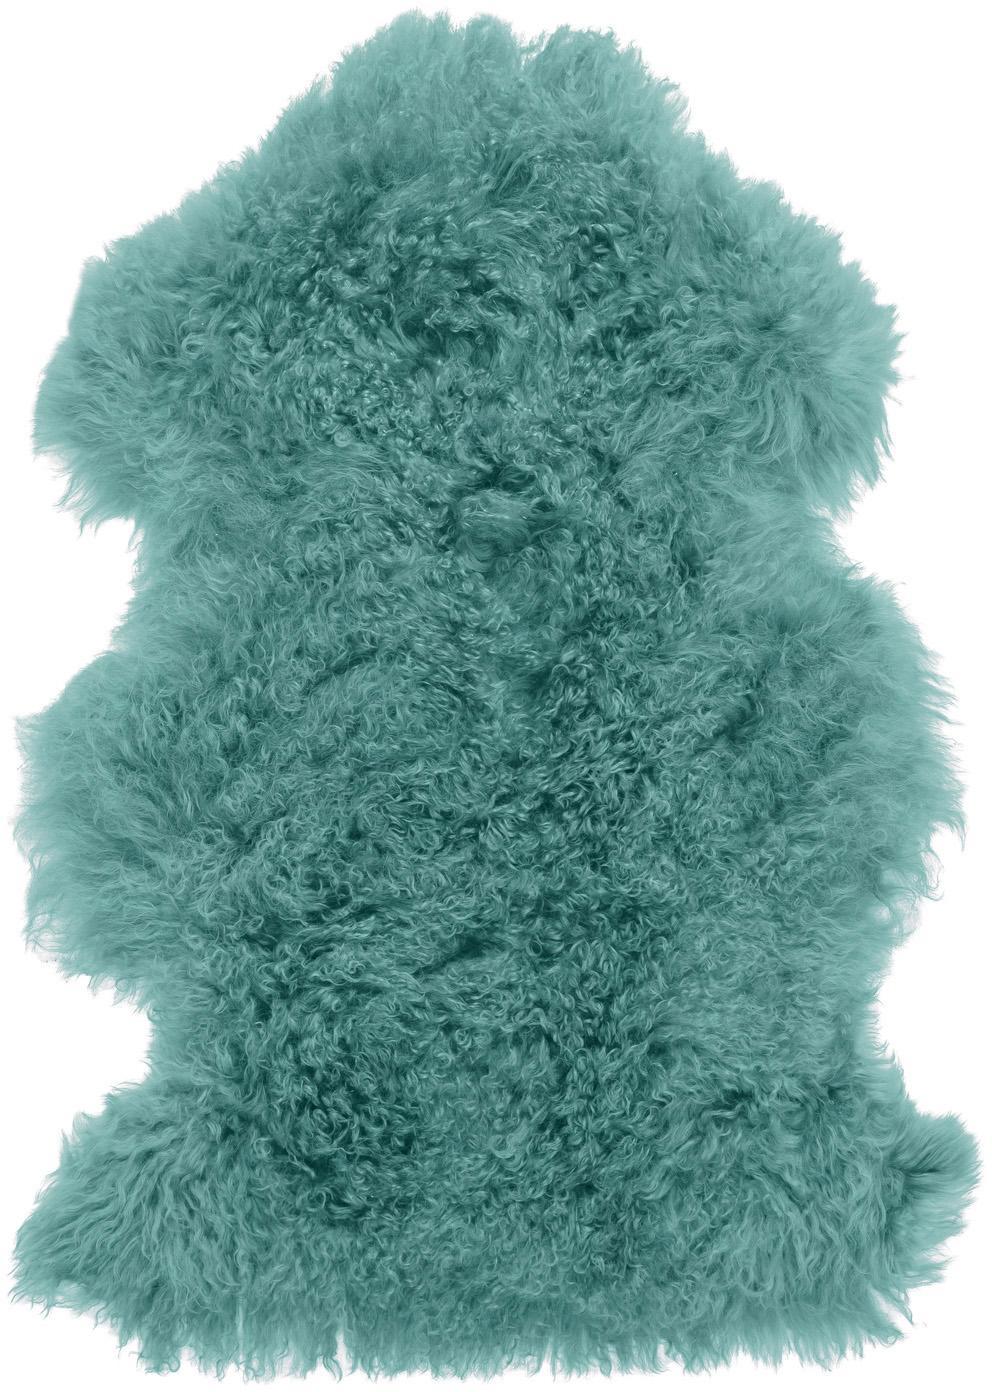 Pelliccia d'agnello a pelo lungo Ella, Retro: pelle, Turchese scuro, Larg. 50 x Lung. 80 cm